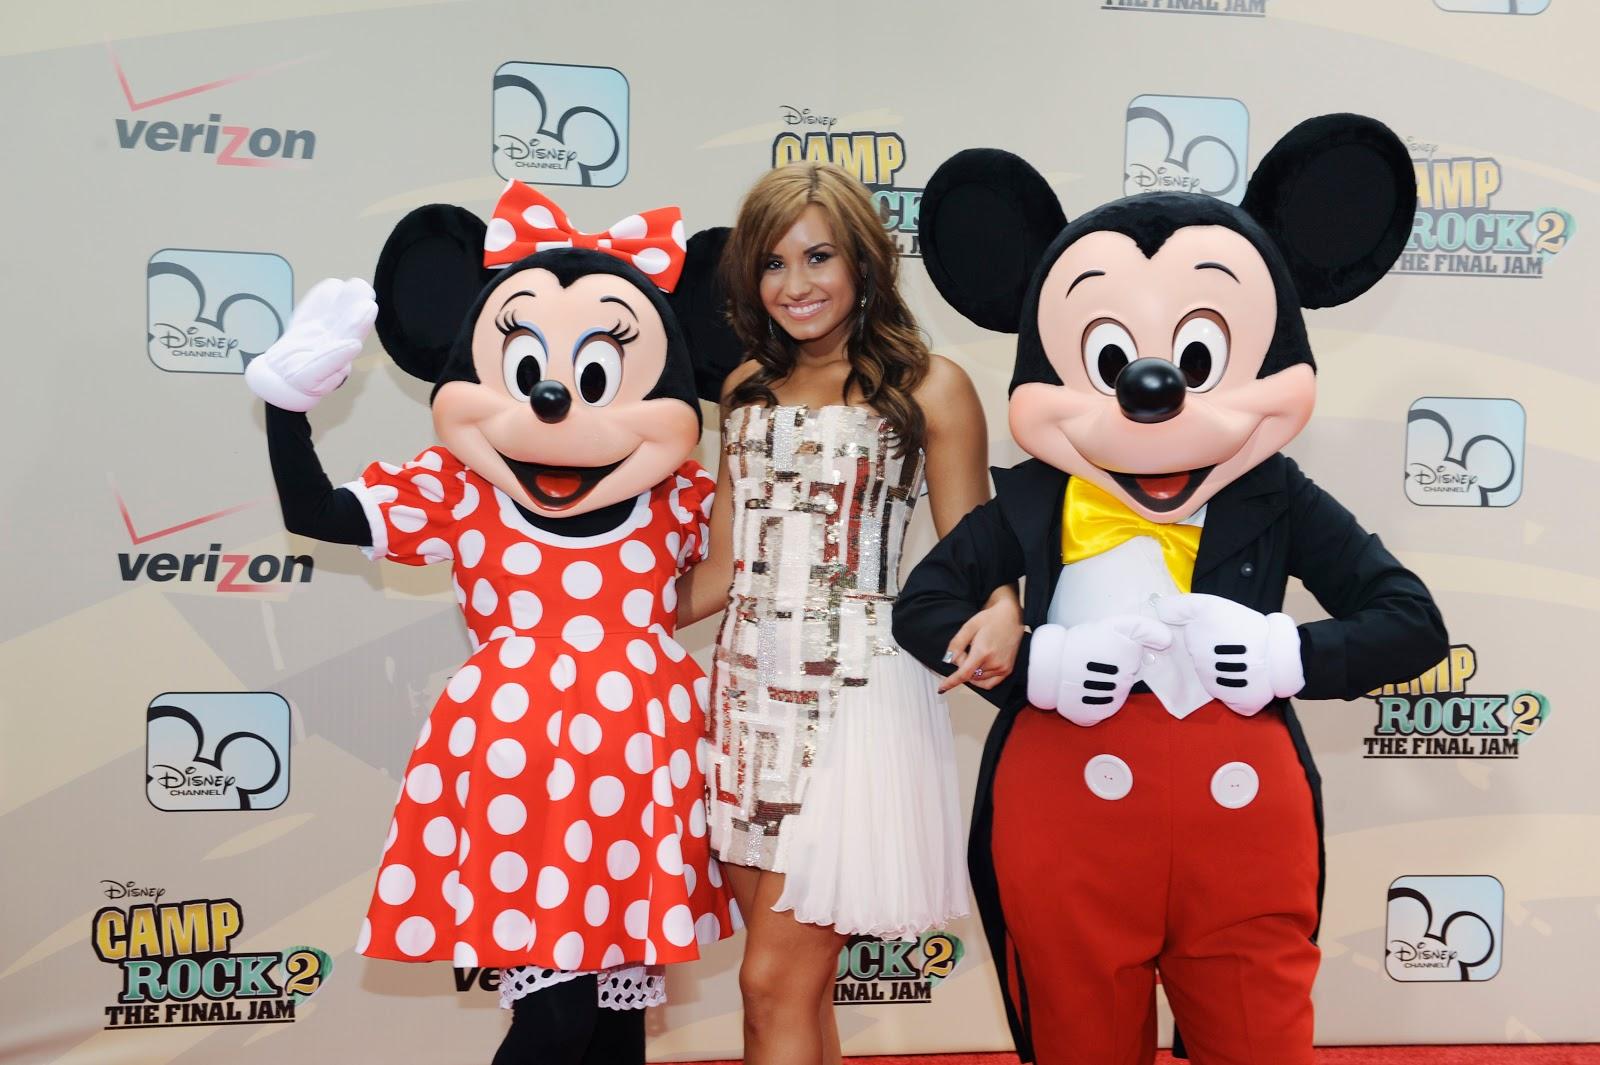 22 fotos de series y películas Disney de gran calidad | VLC peque